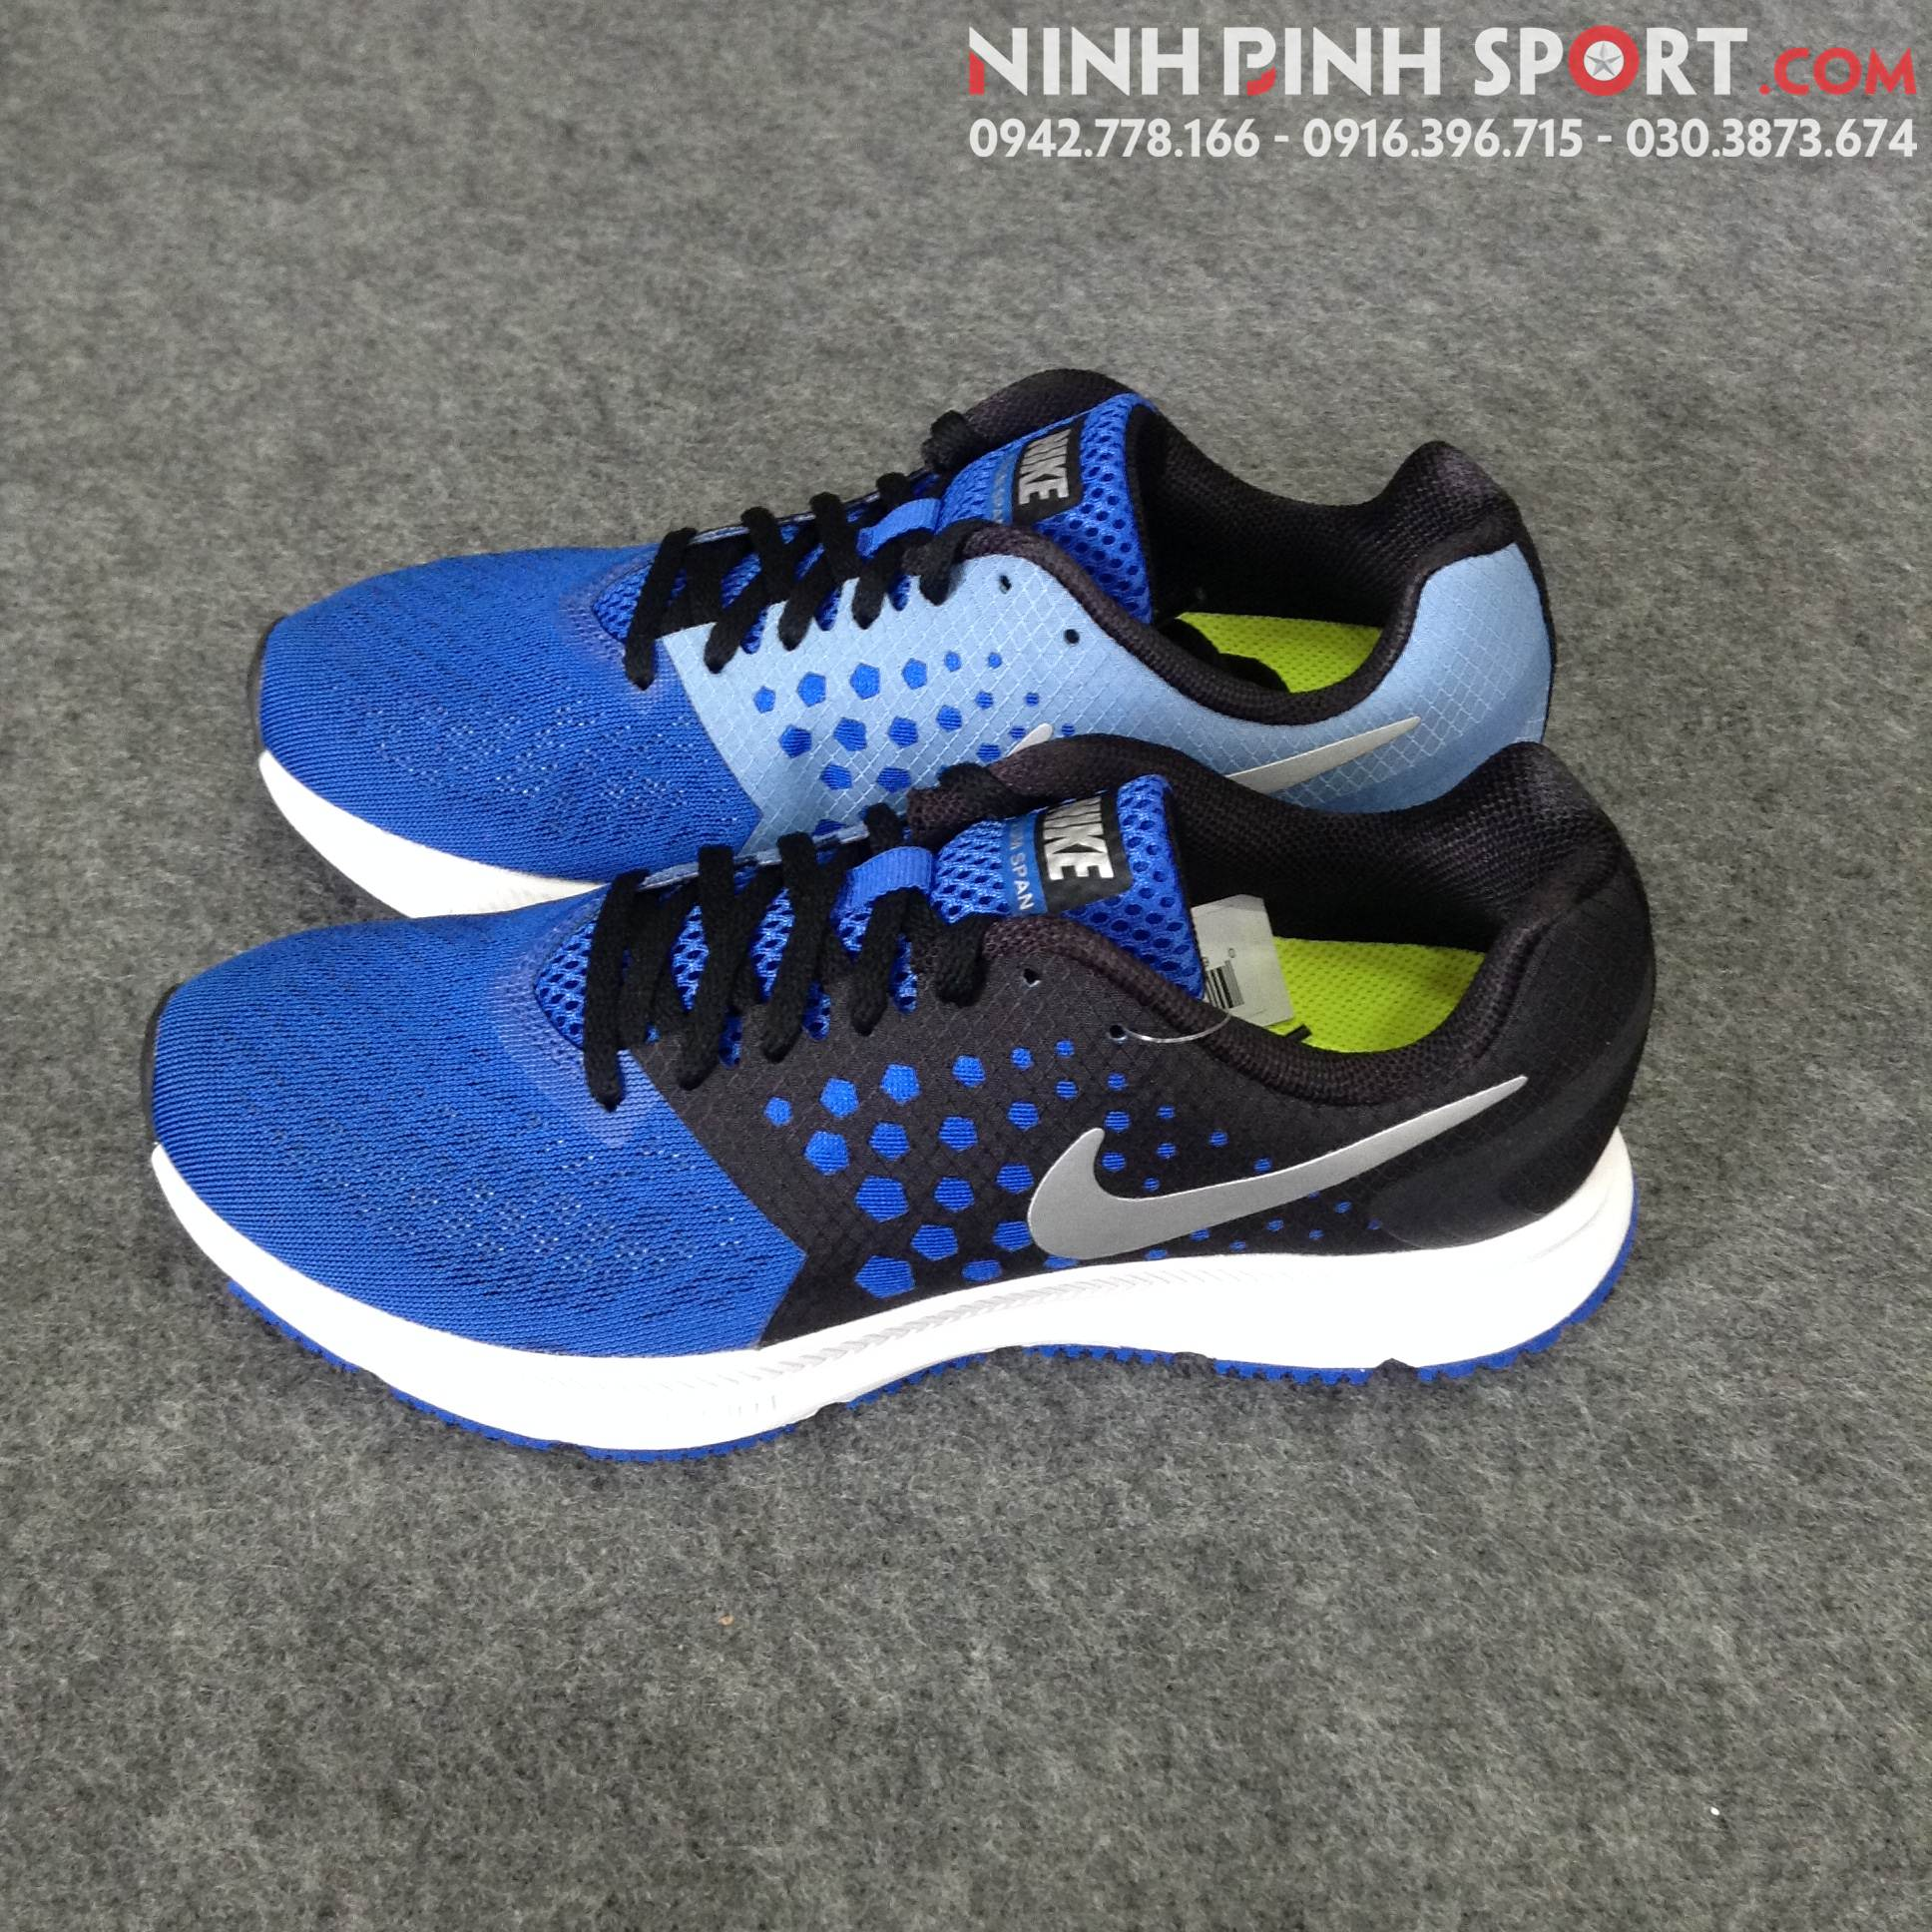 Nike Air Zoom Span 852437-004